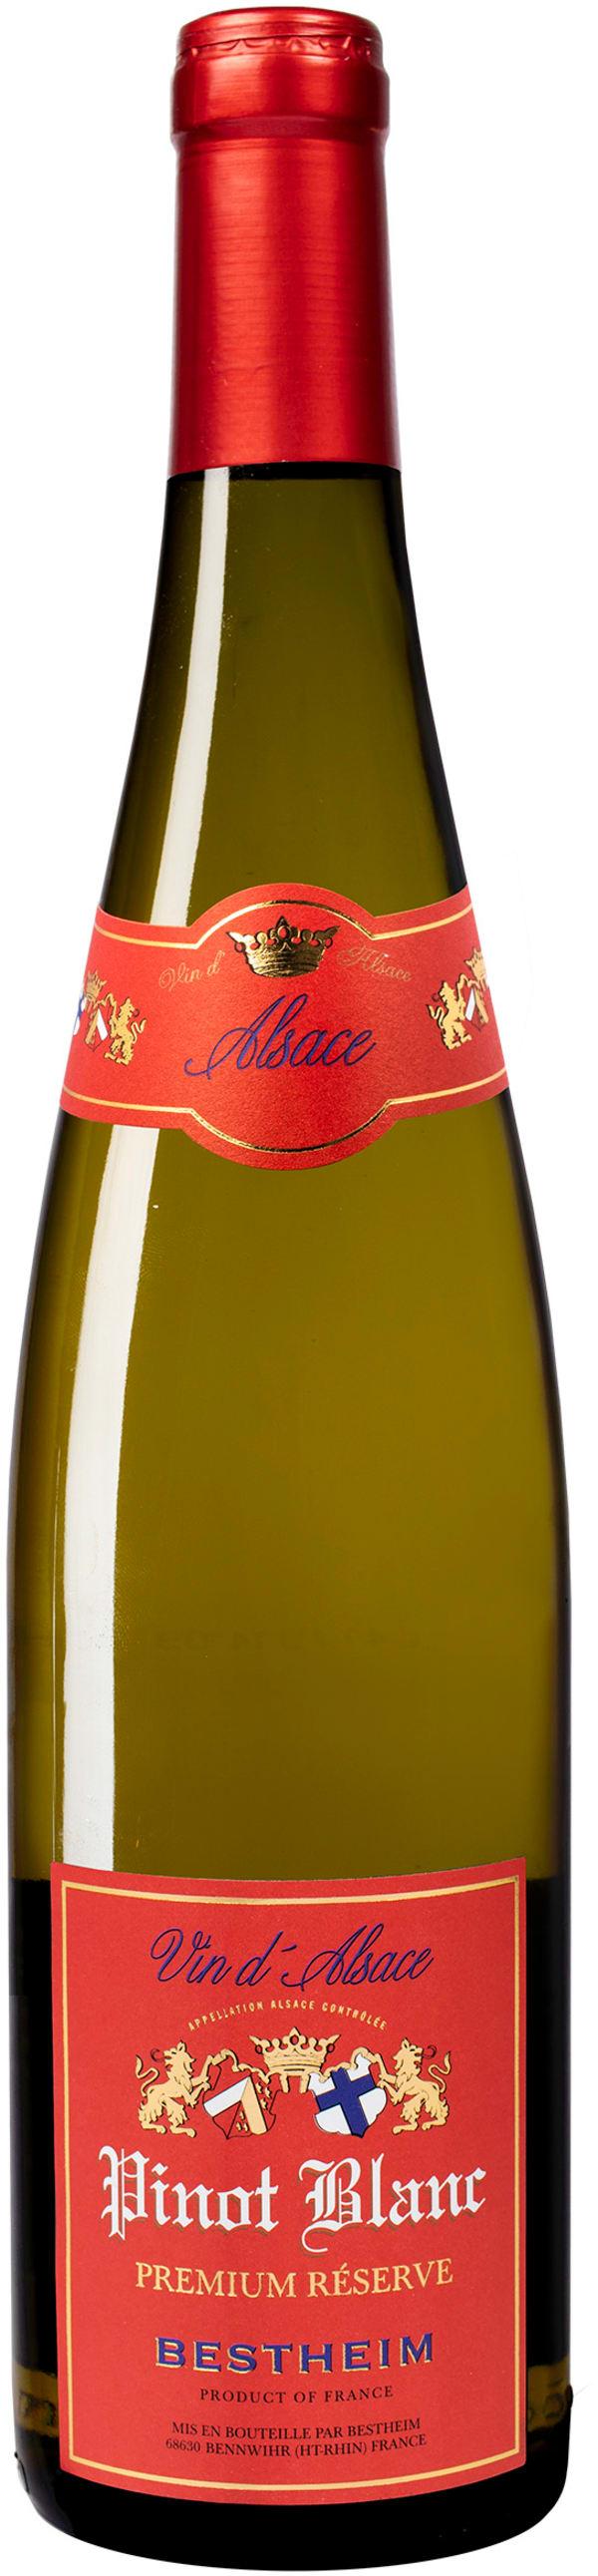 Bestheim Pinot Blanc Classic 2016